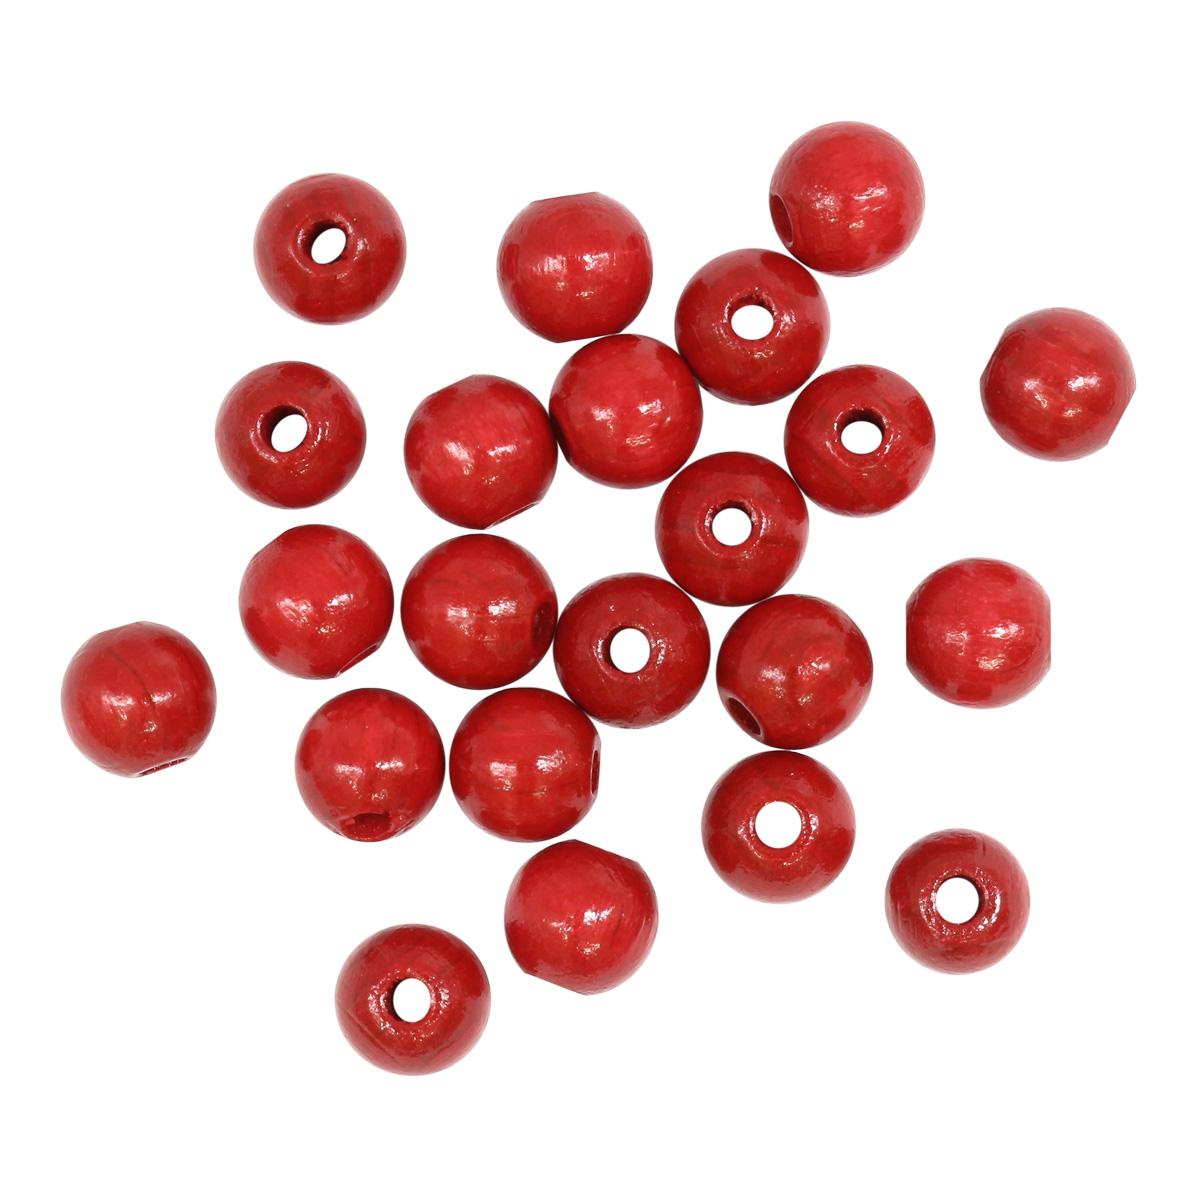 61653005 Бусины деревянные, красный, 8 мм, упак./80 шт., Glorex